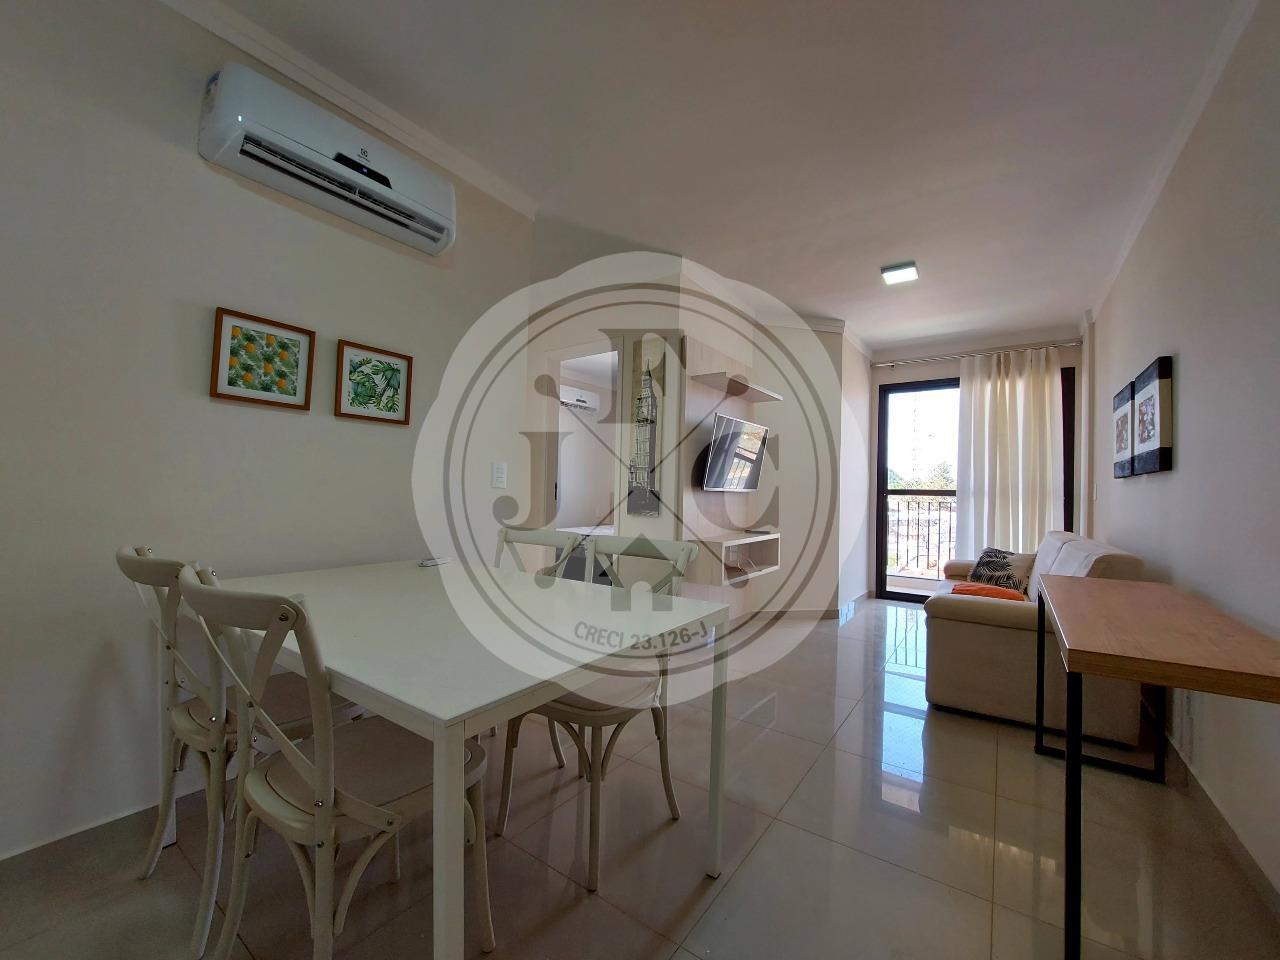 Apartamento mobiliado para locação com 2 dormitórios no bairro jardim Palma Travassos.